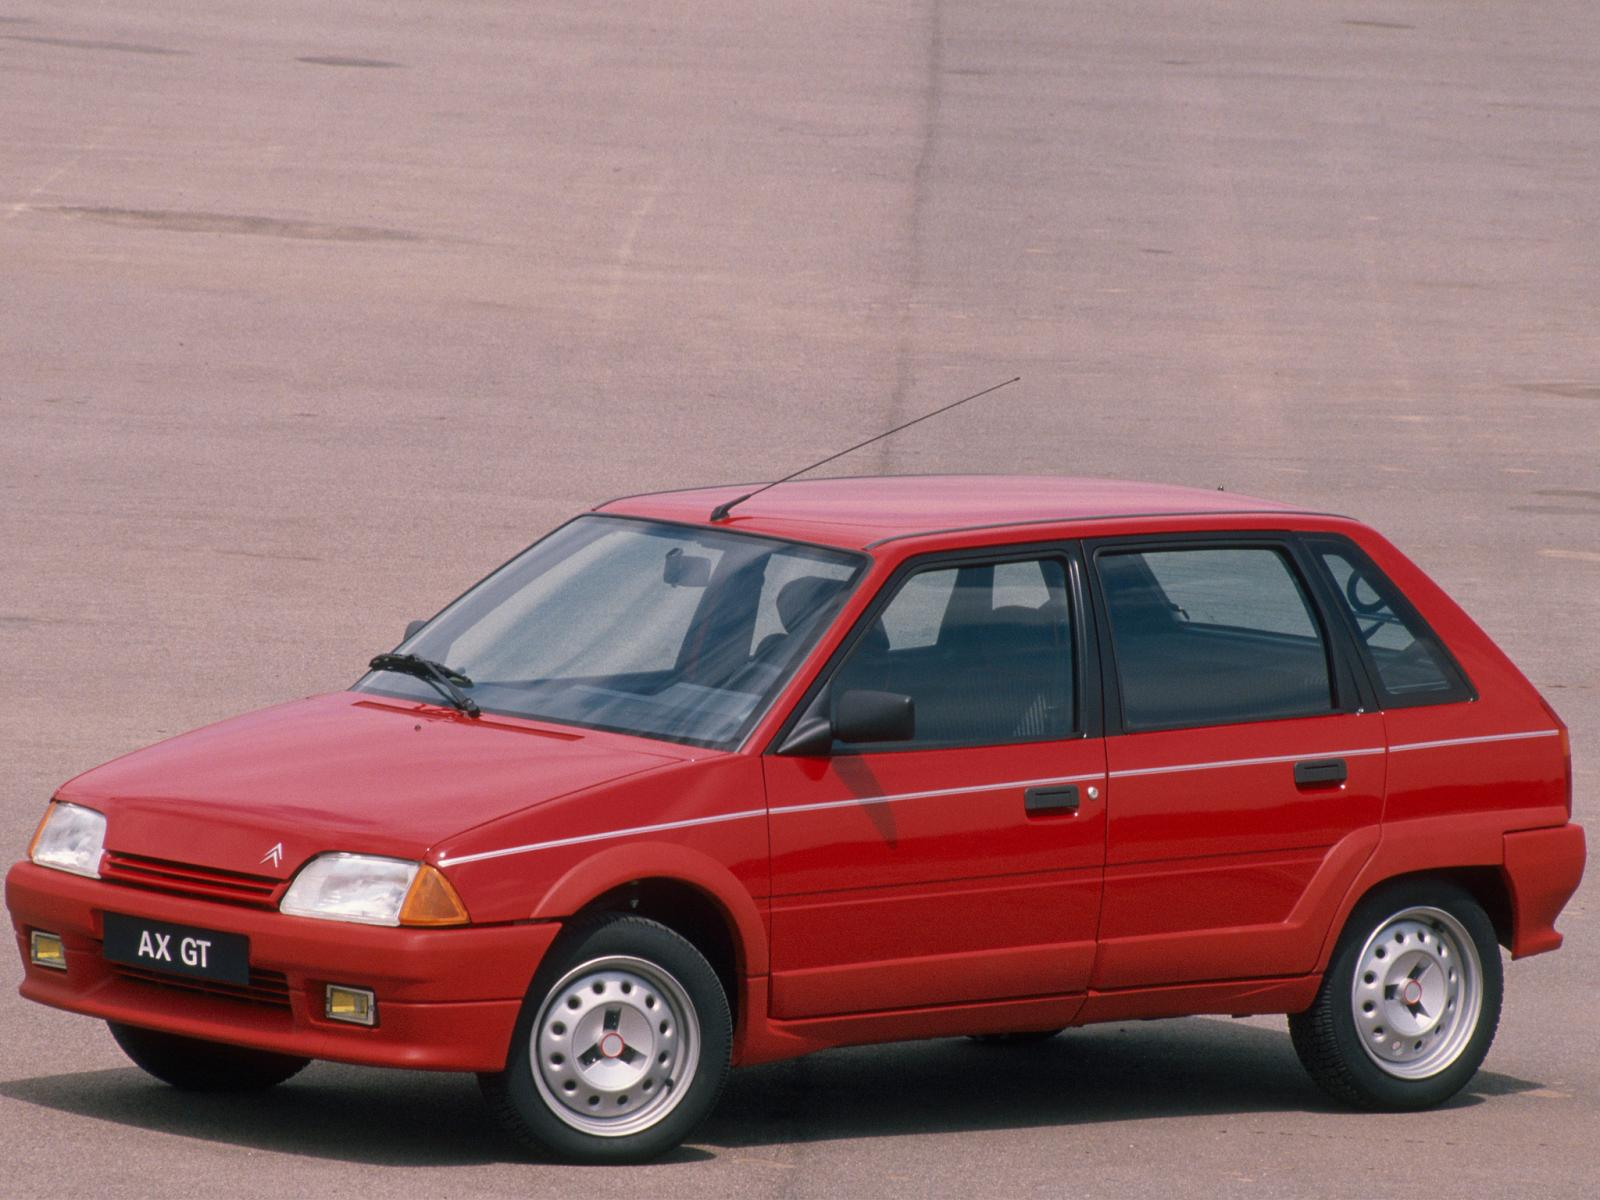 AX GT 5 portes de 1990